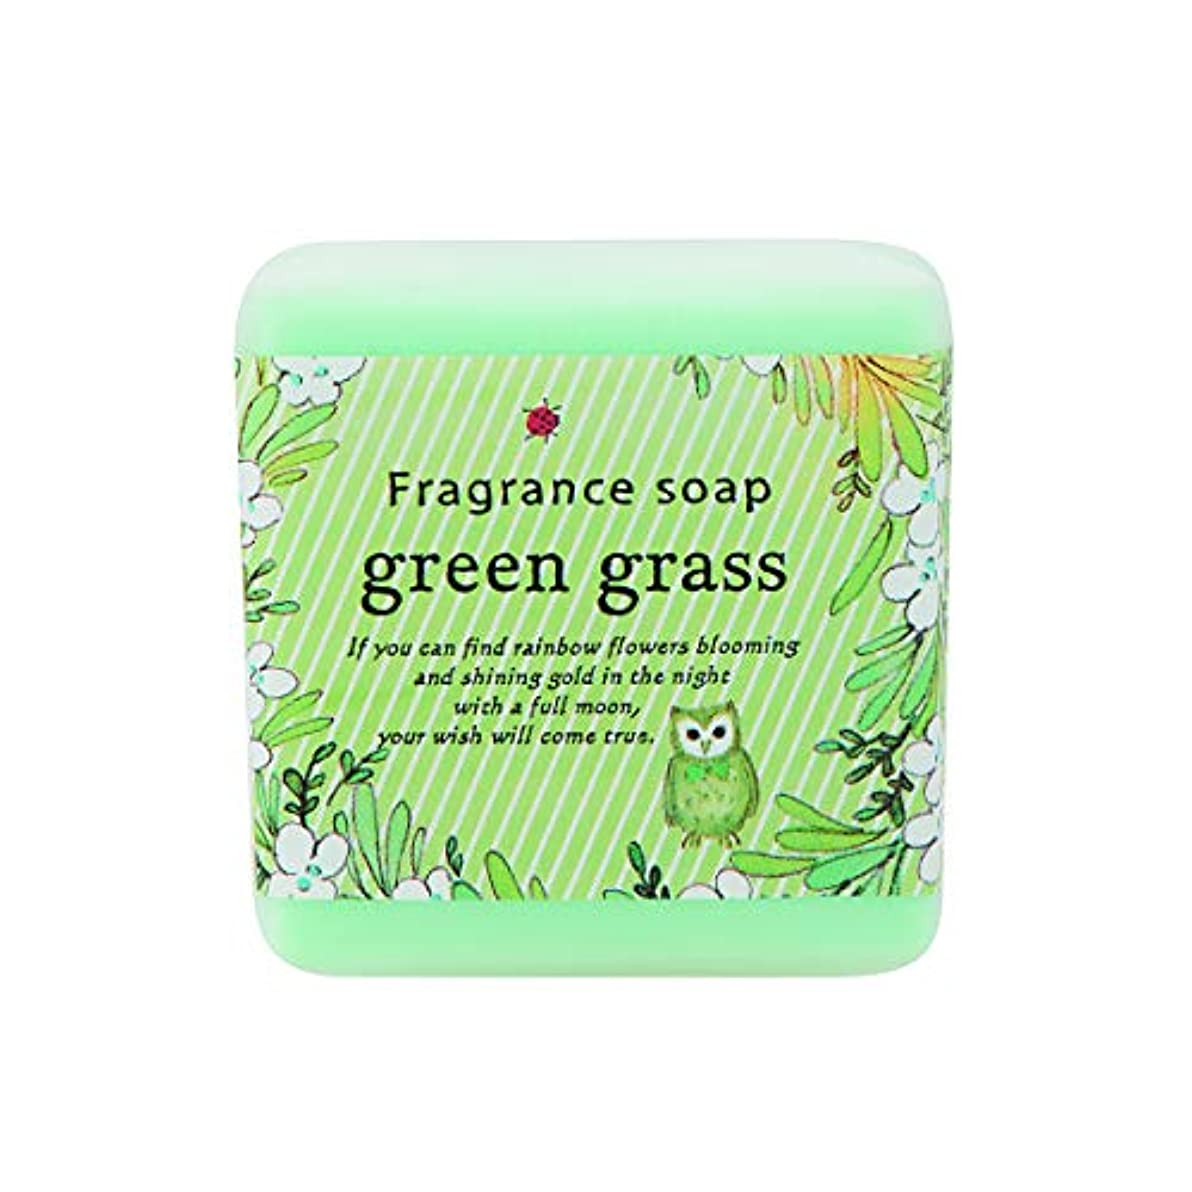 羽錫ご覧くださいサンハーブ フレグランスソープ40g グリーングラス 12個(プチ石けん ゲストソープ 爽やかでちょっと大人の香り)